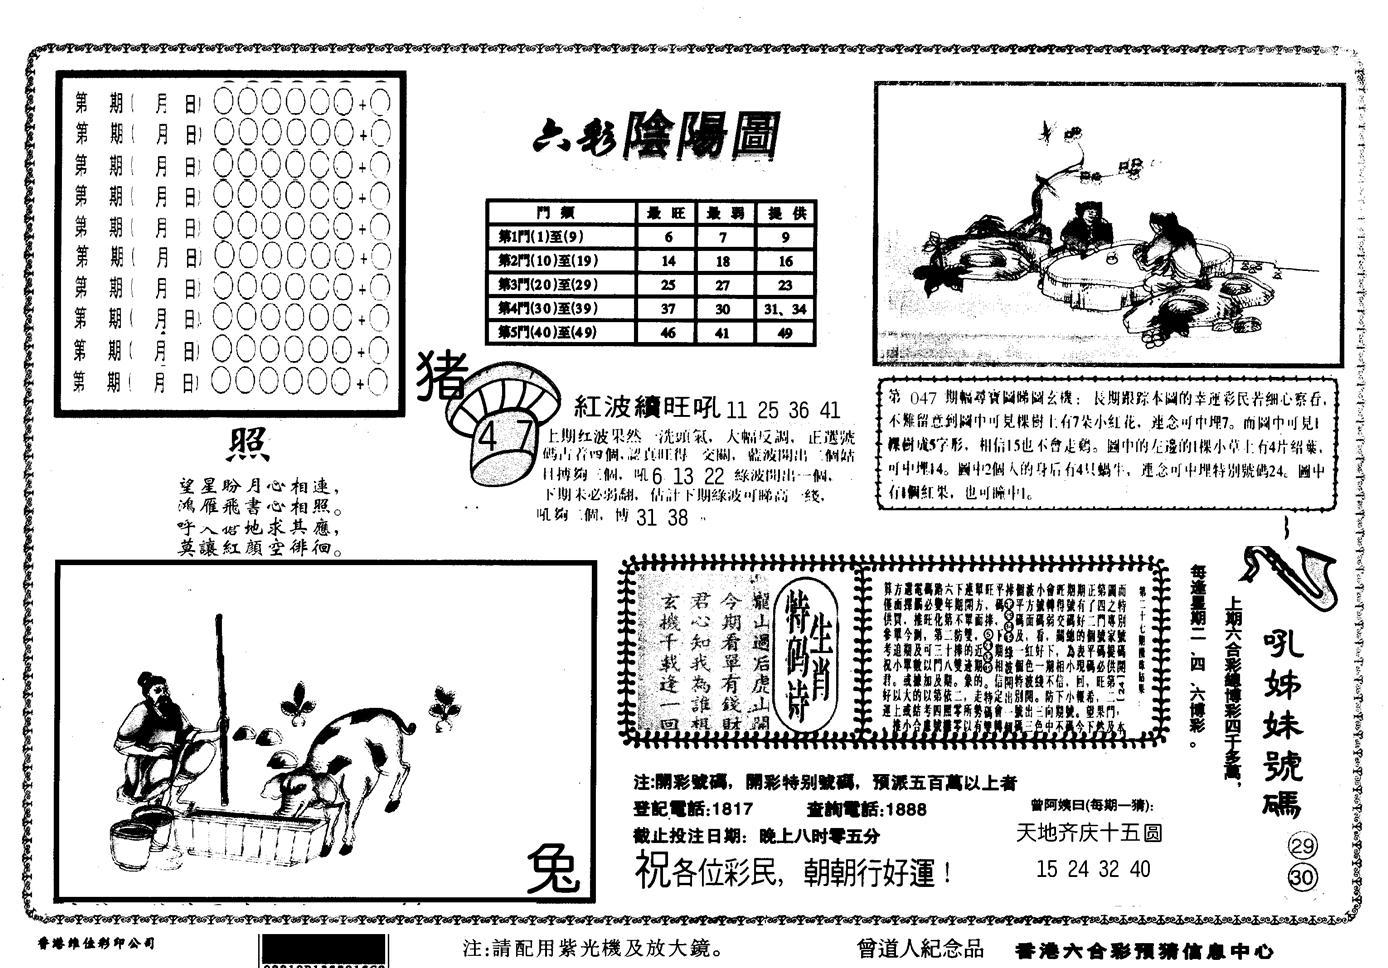 048期另版六彩阴阳(黑白)